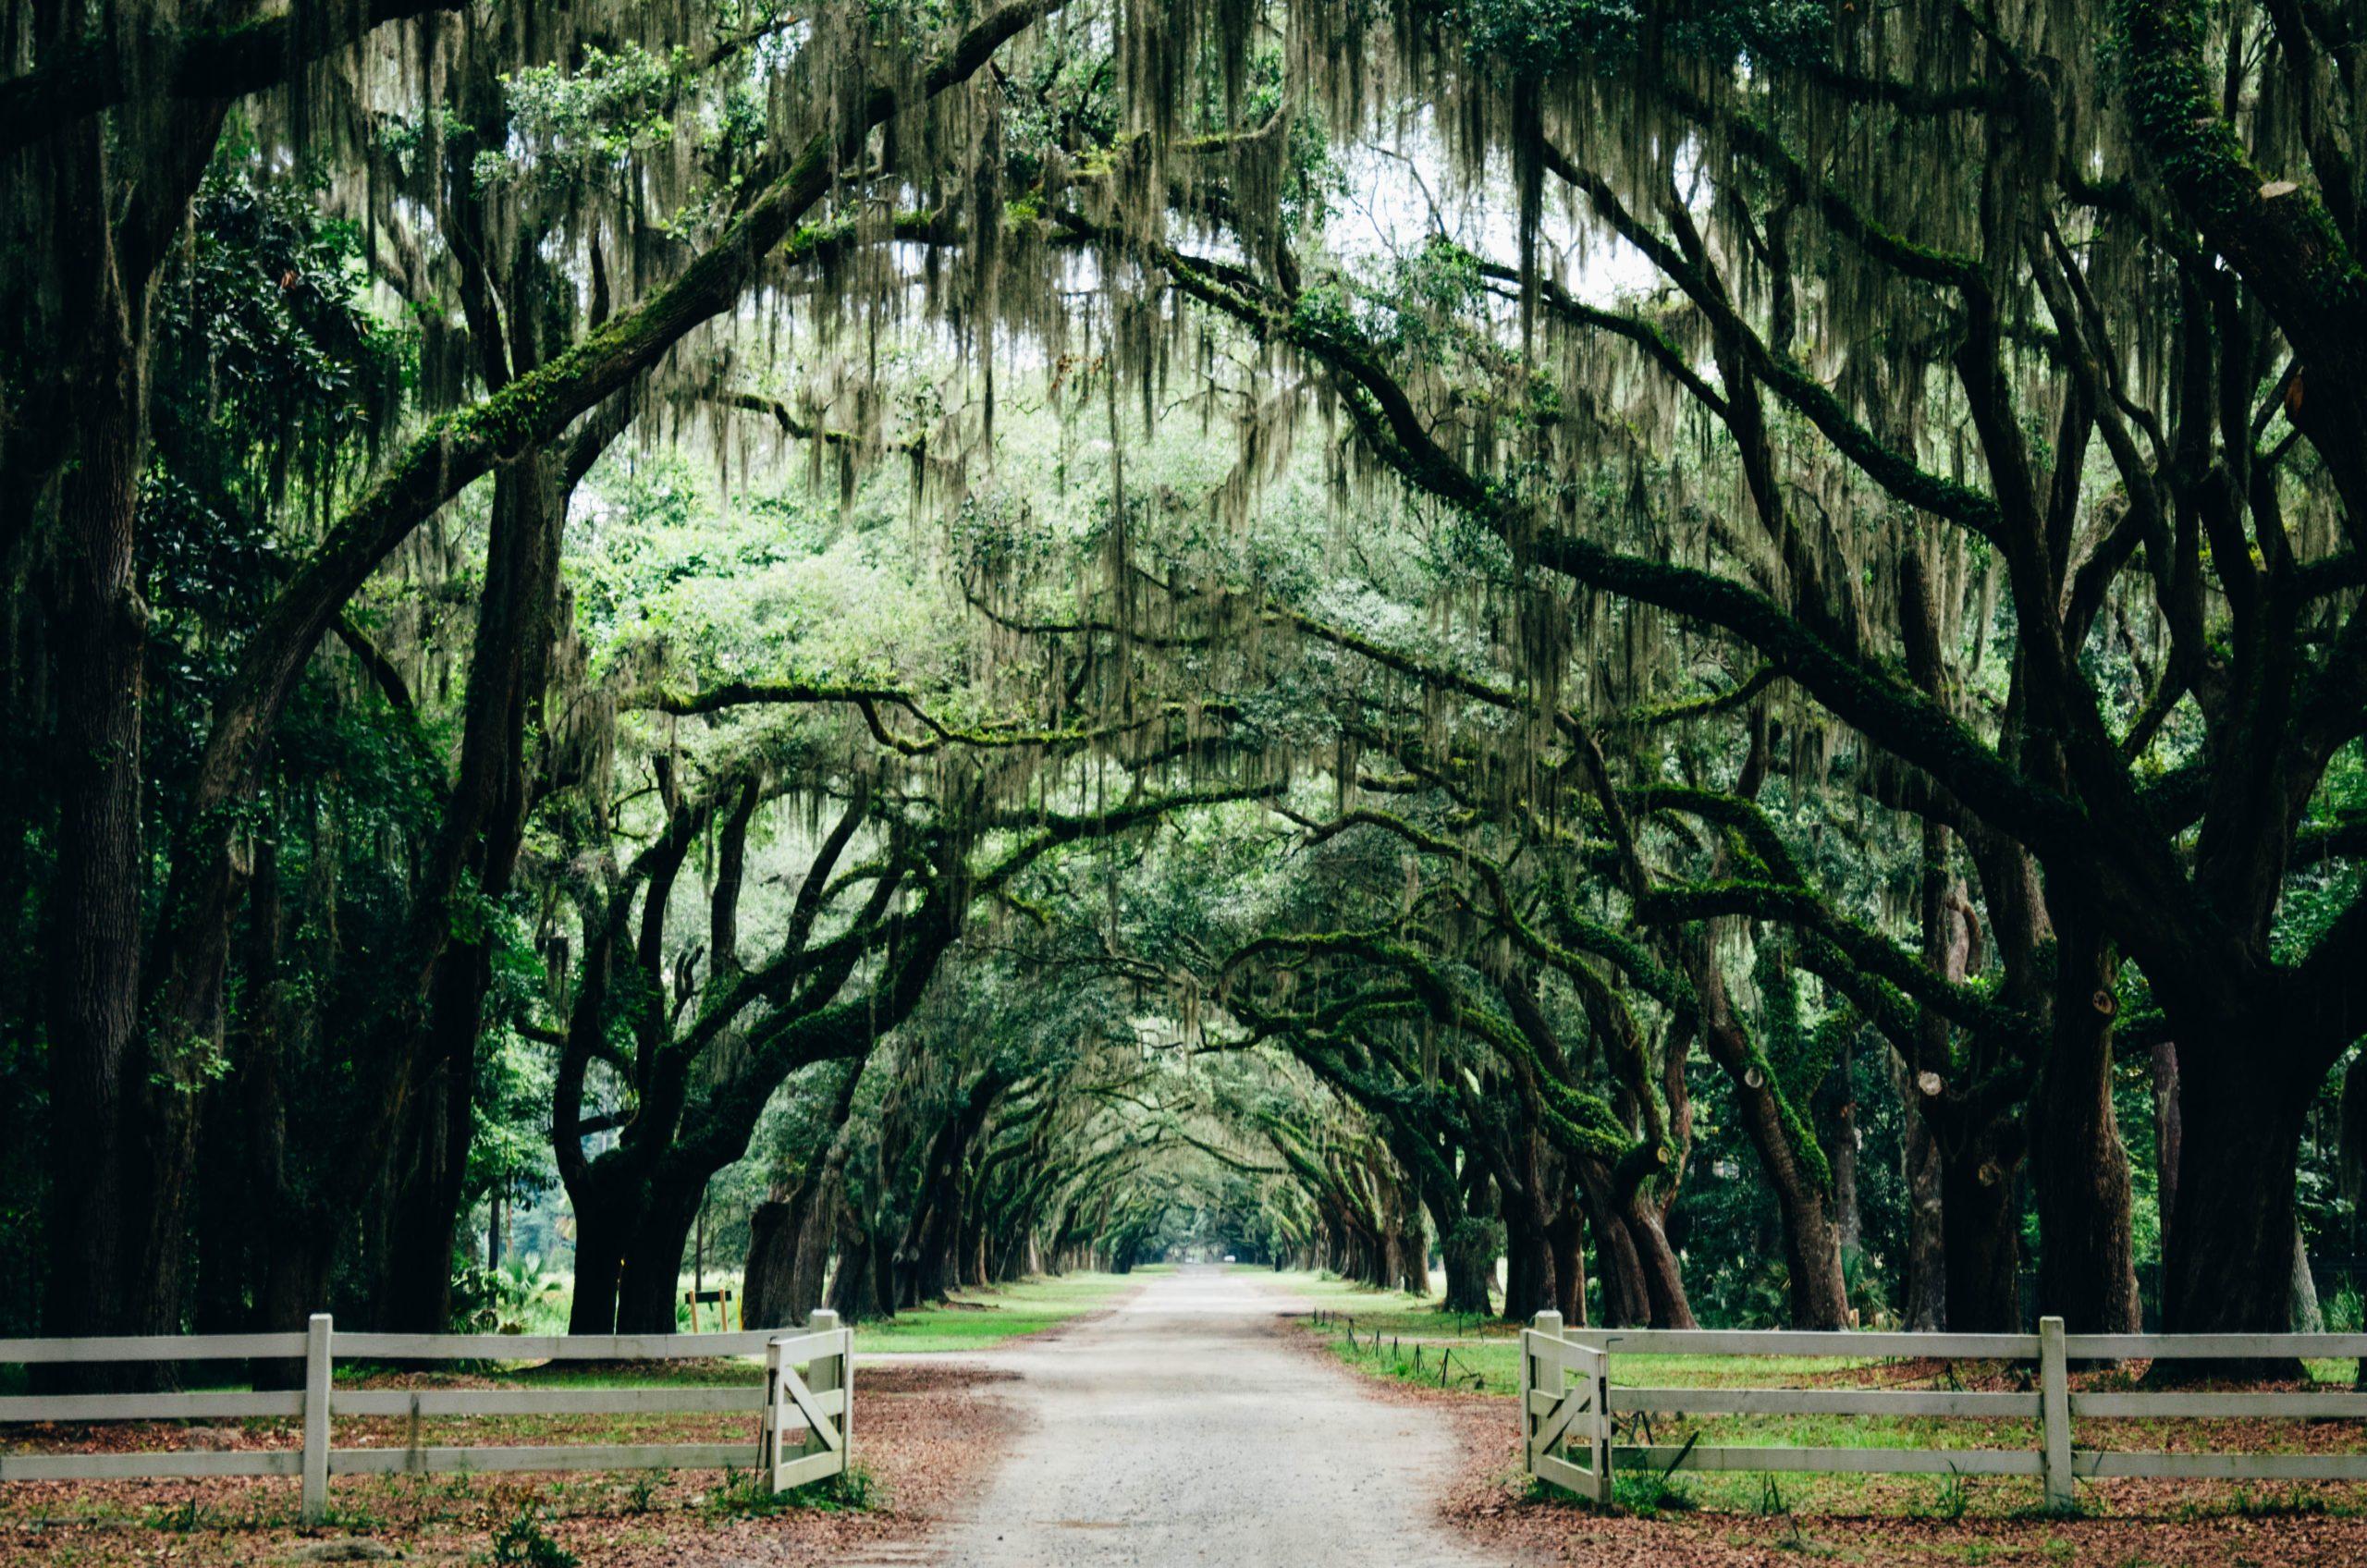 tree lined street of savannah georgia united states